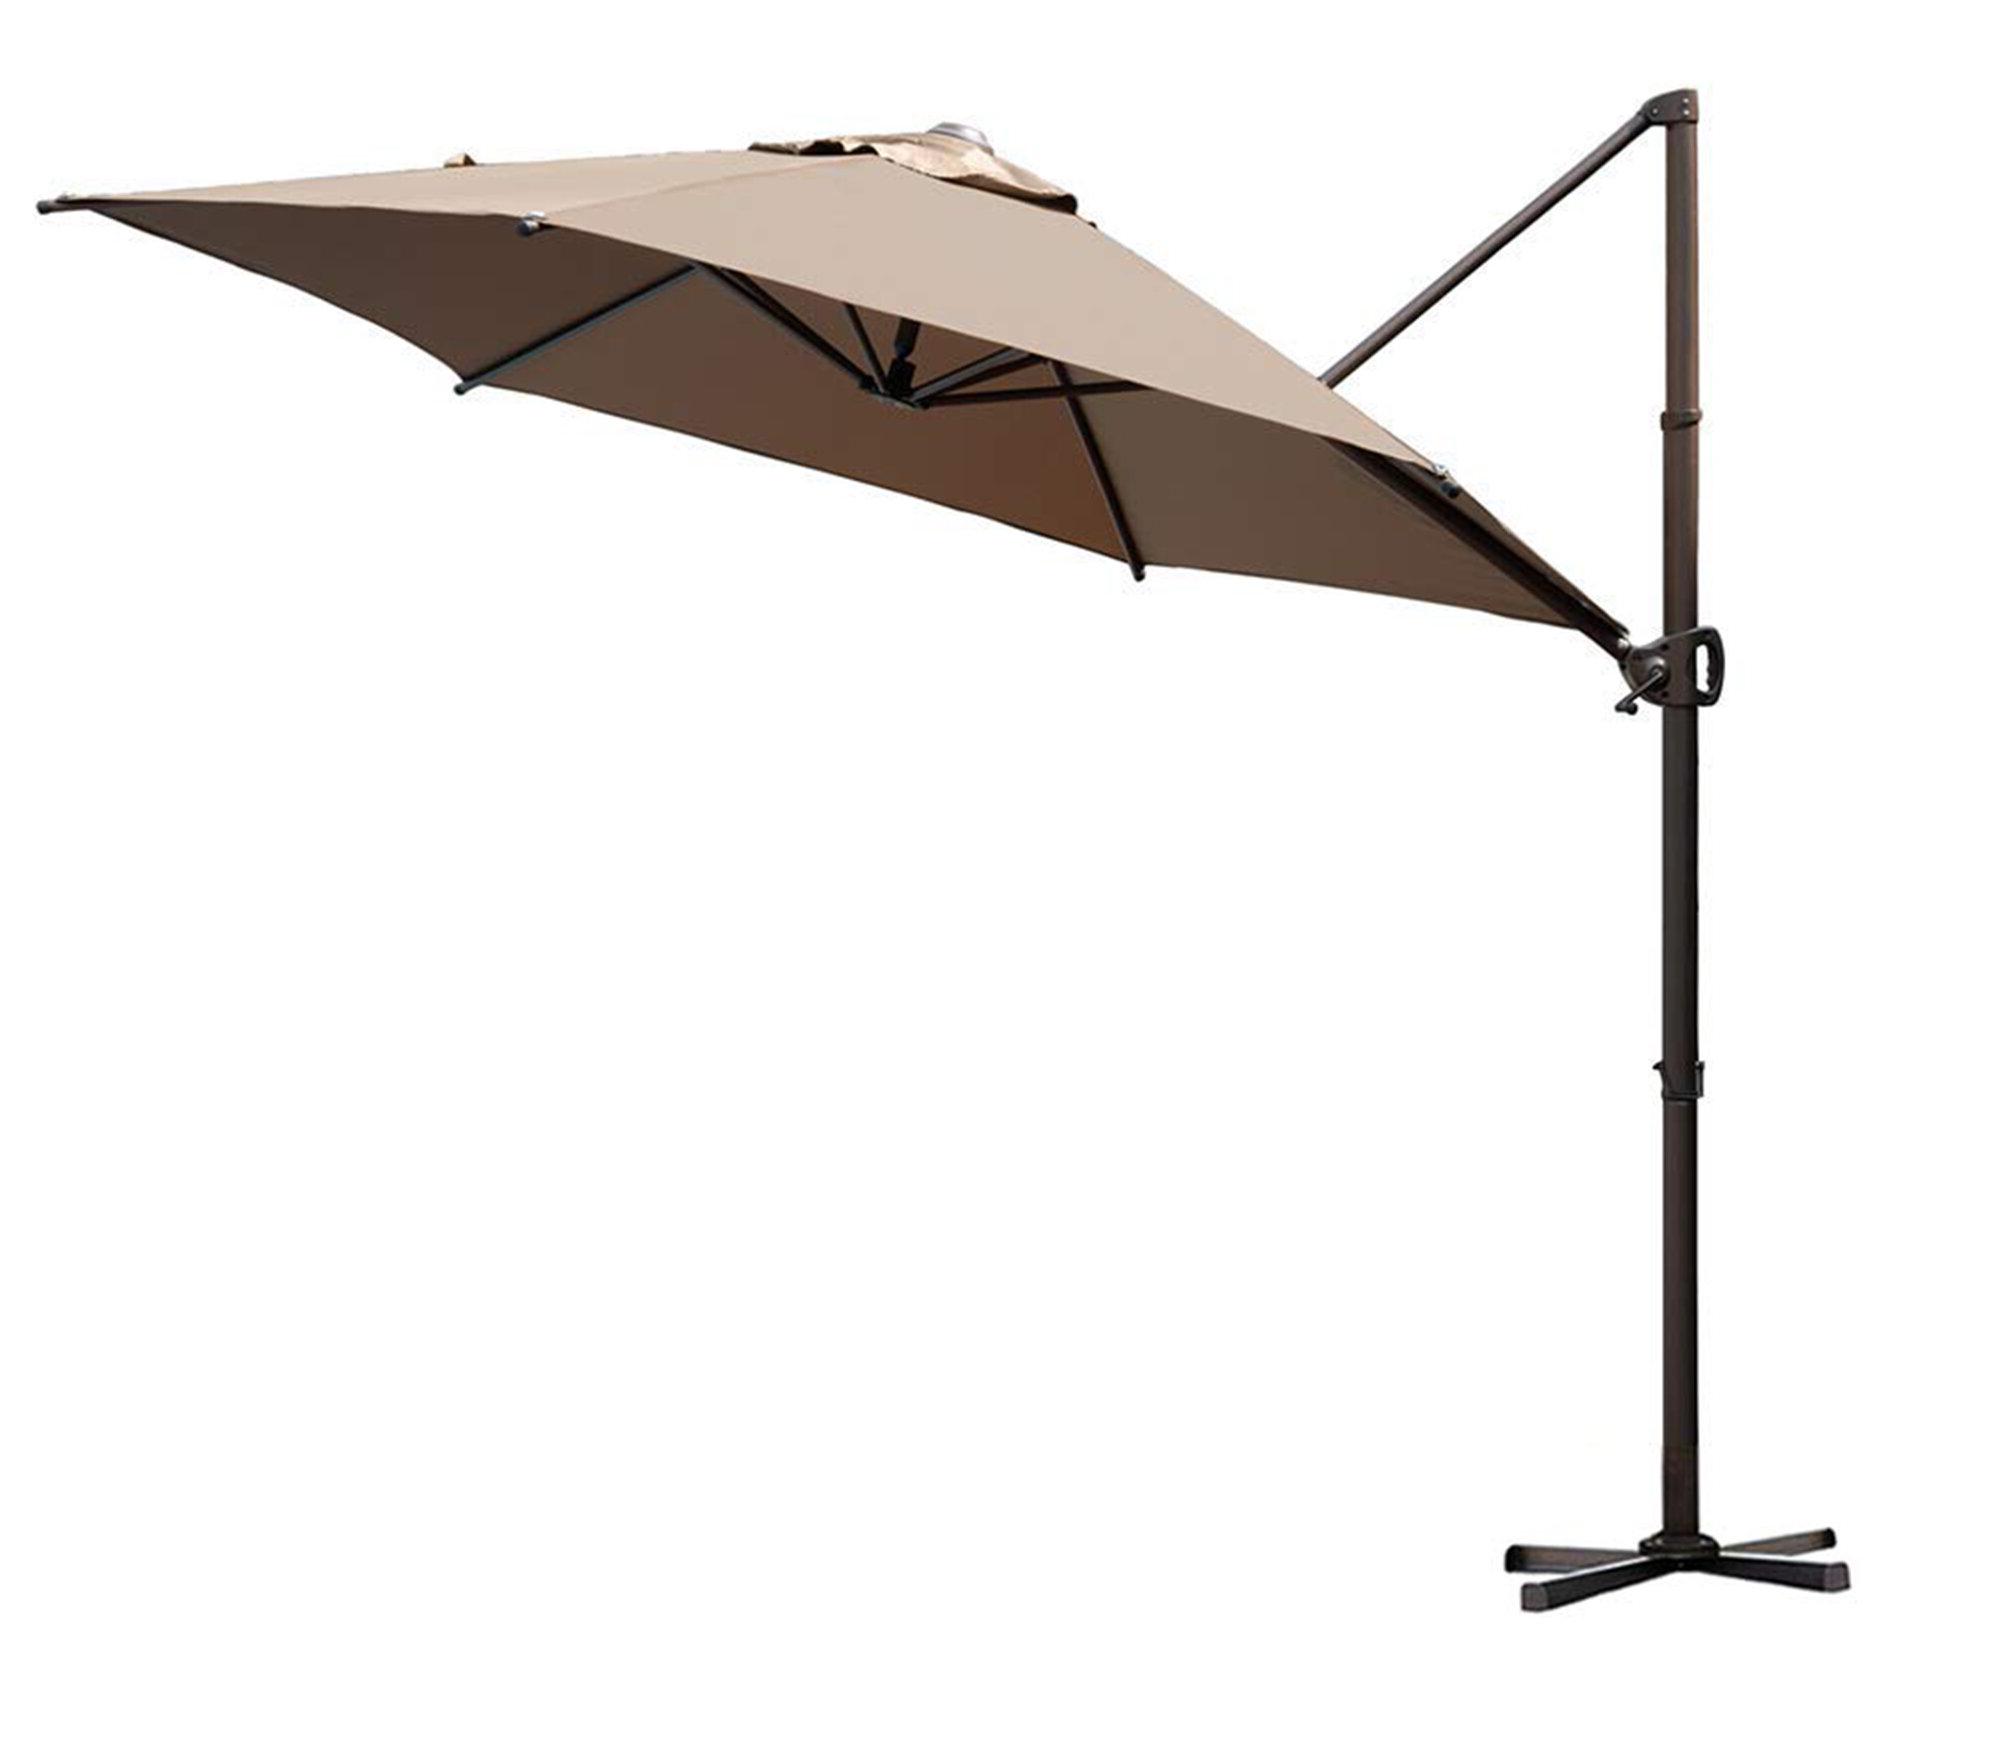 Fashionable Elaina Cantilever Umbrellas For Christopher 9' Cantilever Umbrella (View 13 of 20)